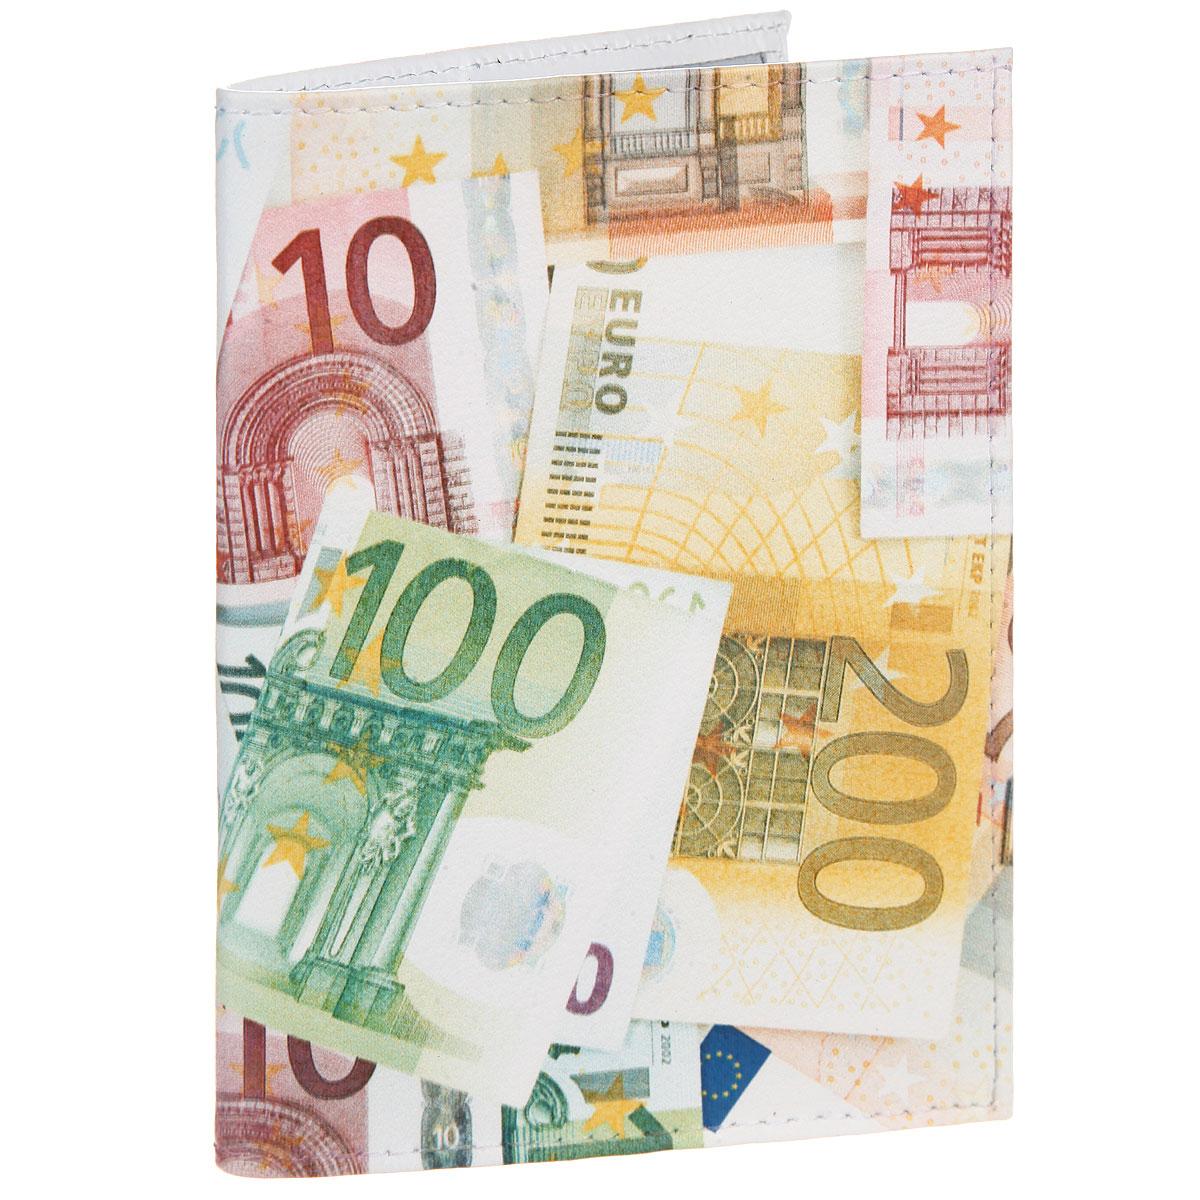 Обложка для паспорта Евро. OK354OK354Стильная обложка для паспорта Mitya Veselkov Евро выполнена из натуральной кожи с зернистой текстурой. Обложка оформлена художественной печатью с изображением купюр. На оборотной стороне имеет карман для посадочного талона. Элегантная обложка Mitya Veselkov Евро не только поможет сохранить внешний вид ваших документов и защитит их от повреждений, но и станет стильным аксессуаром, идеально подходящим вашему образу.